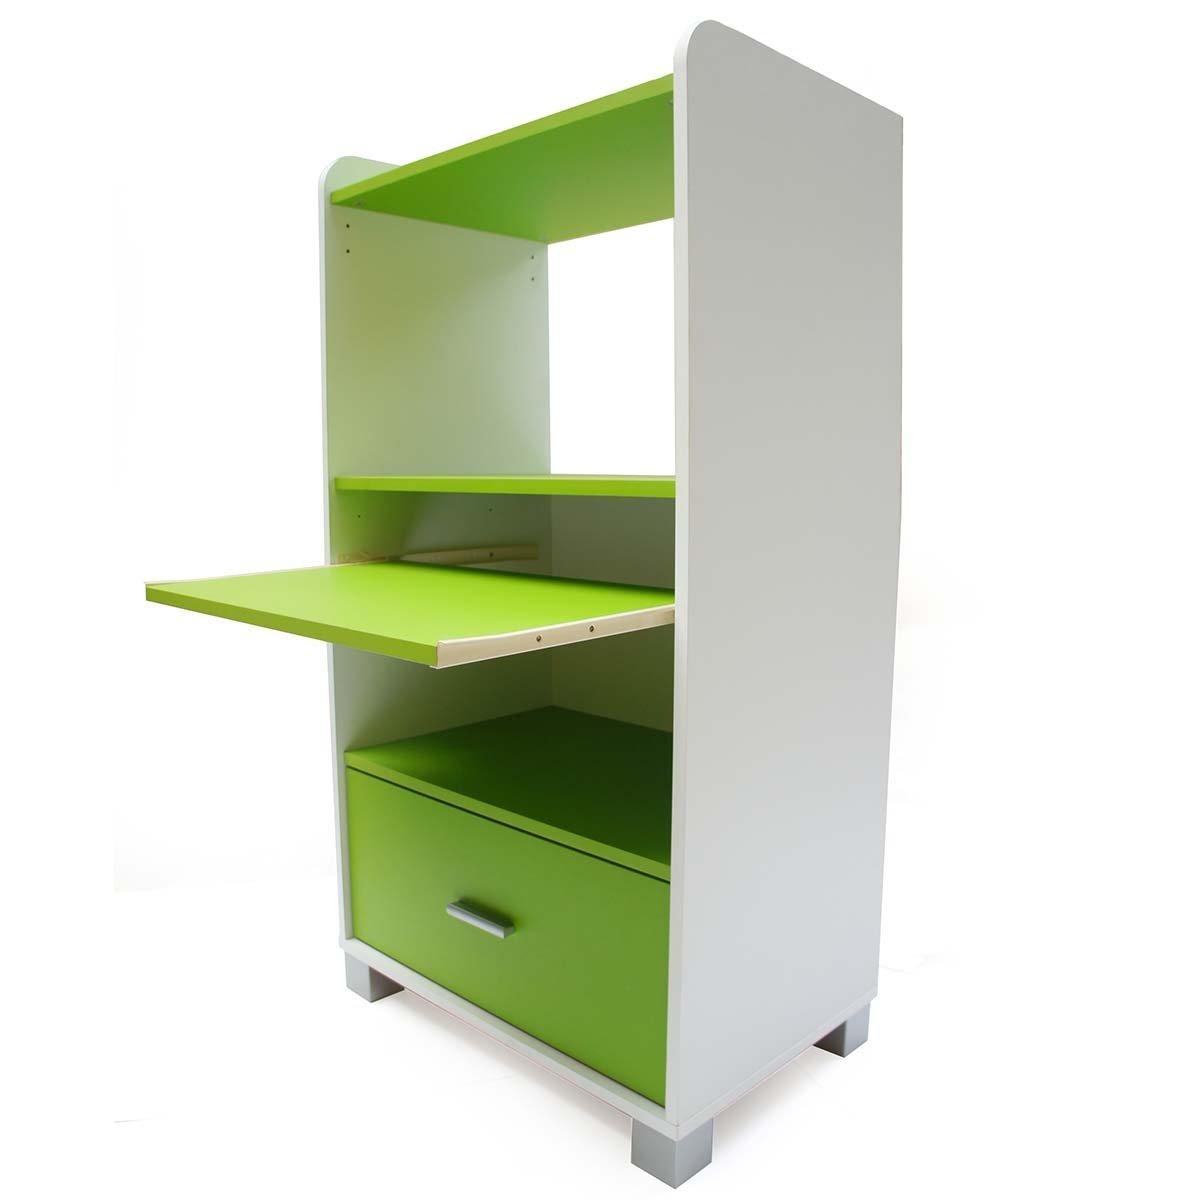 20 Desain unik furnitur ini bikin kamu pengen cepat berumah tangga!